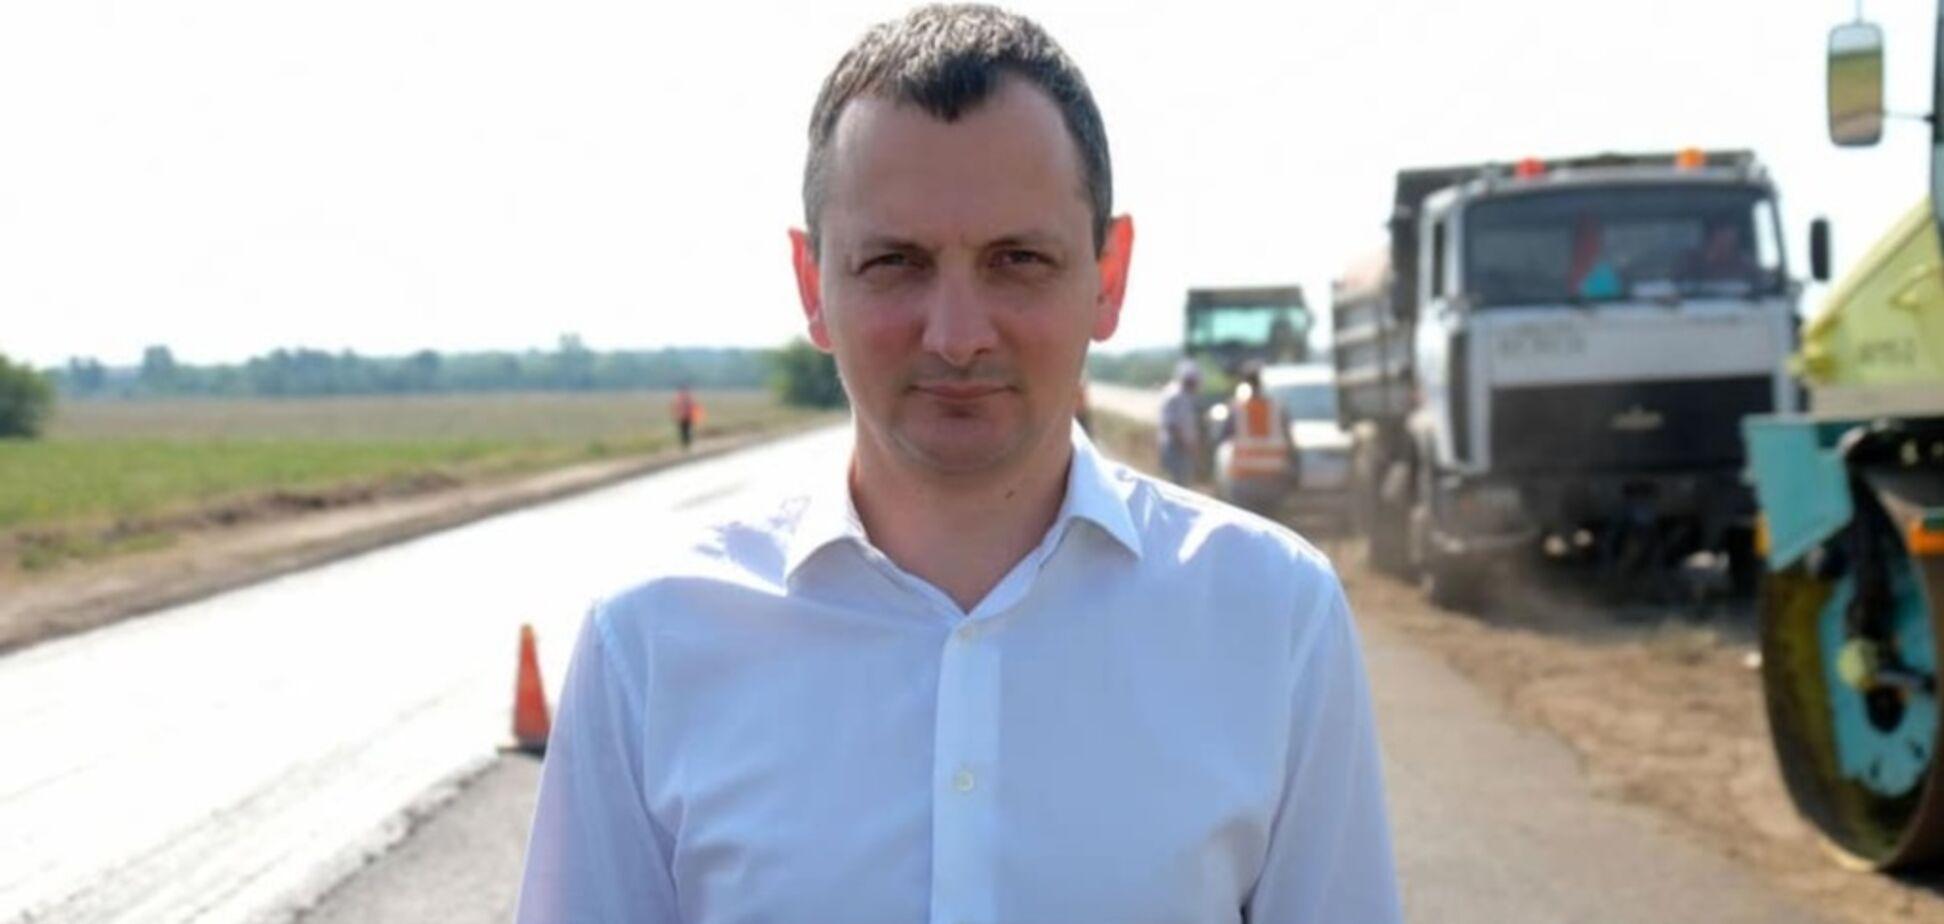 Три развязки на международных трассах построят за счет кредитов ЕИБ и ЕБРР, – советник премьера Юрий Голик